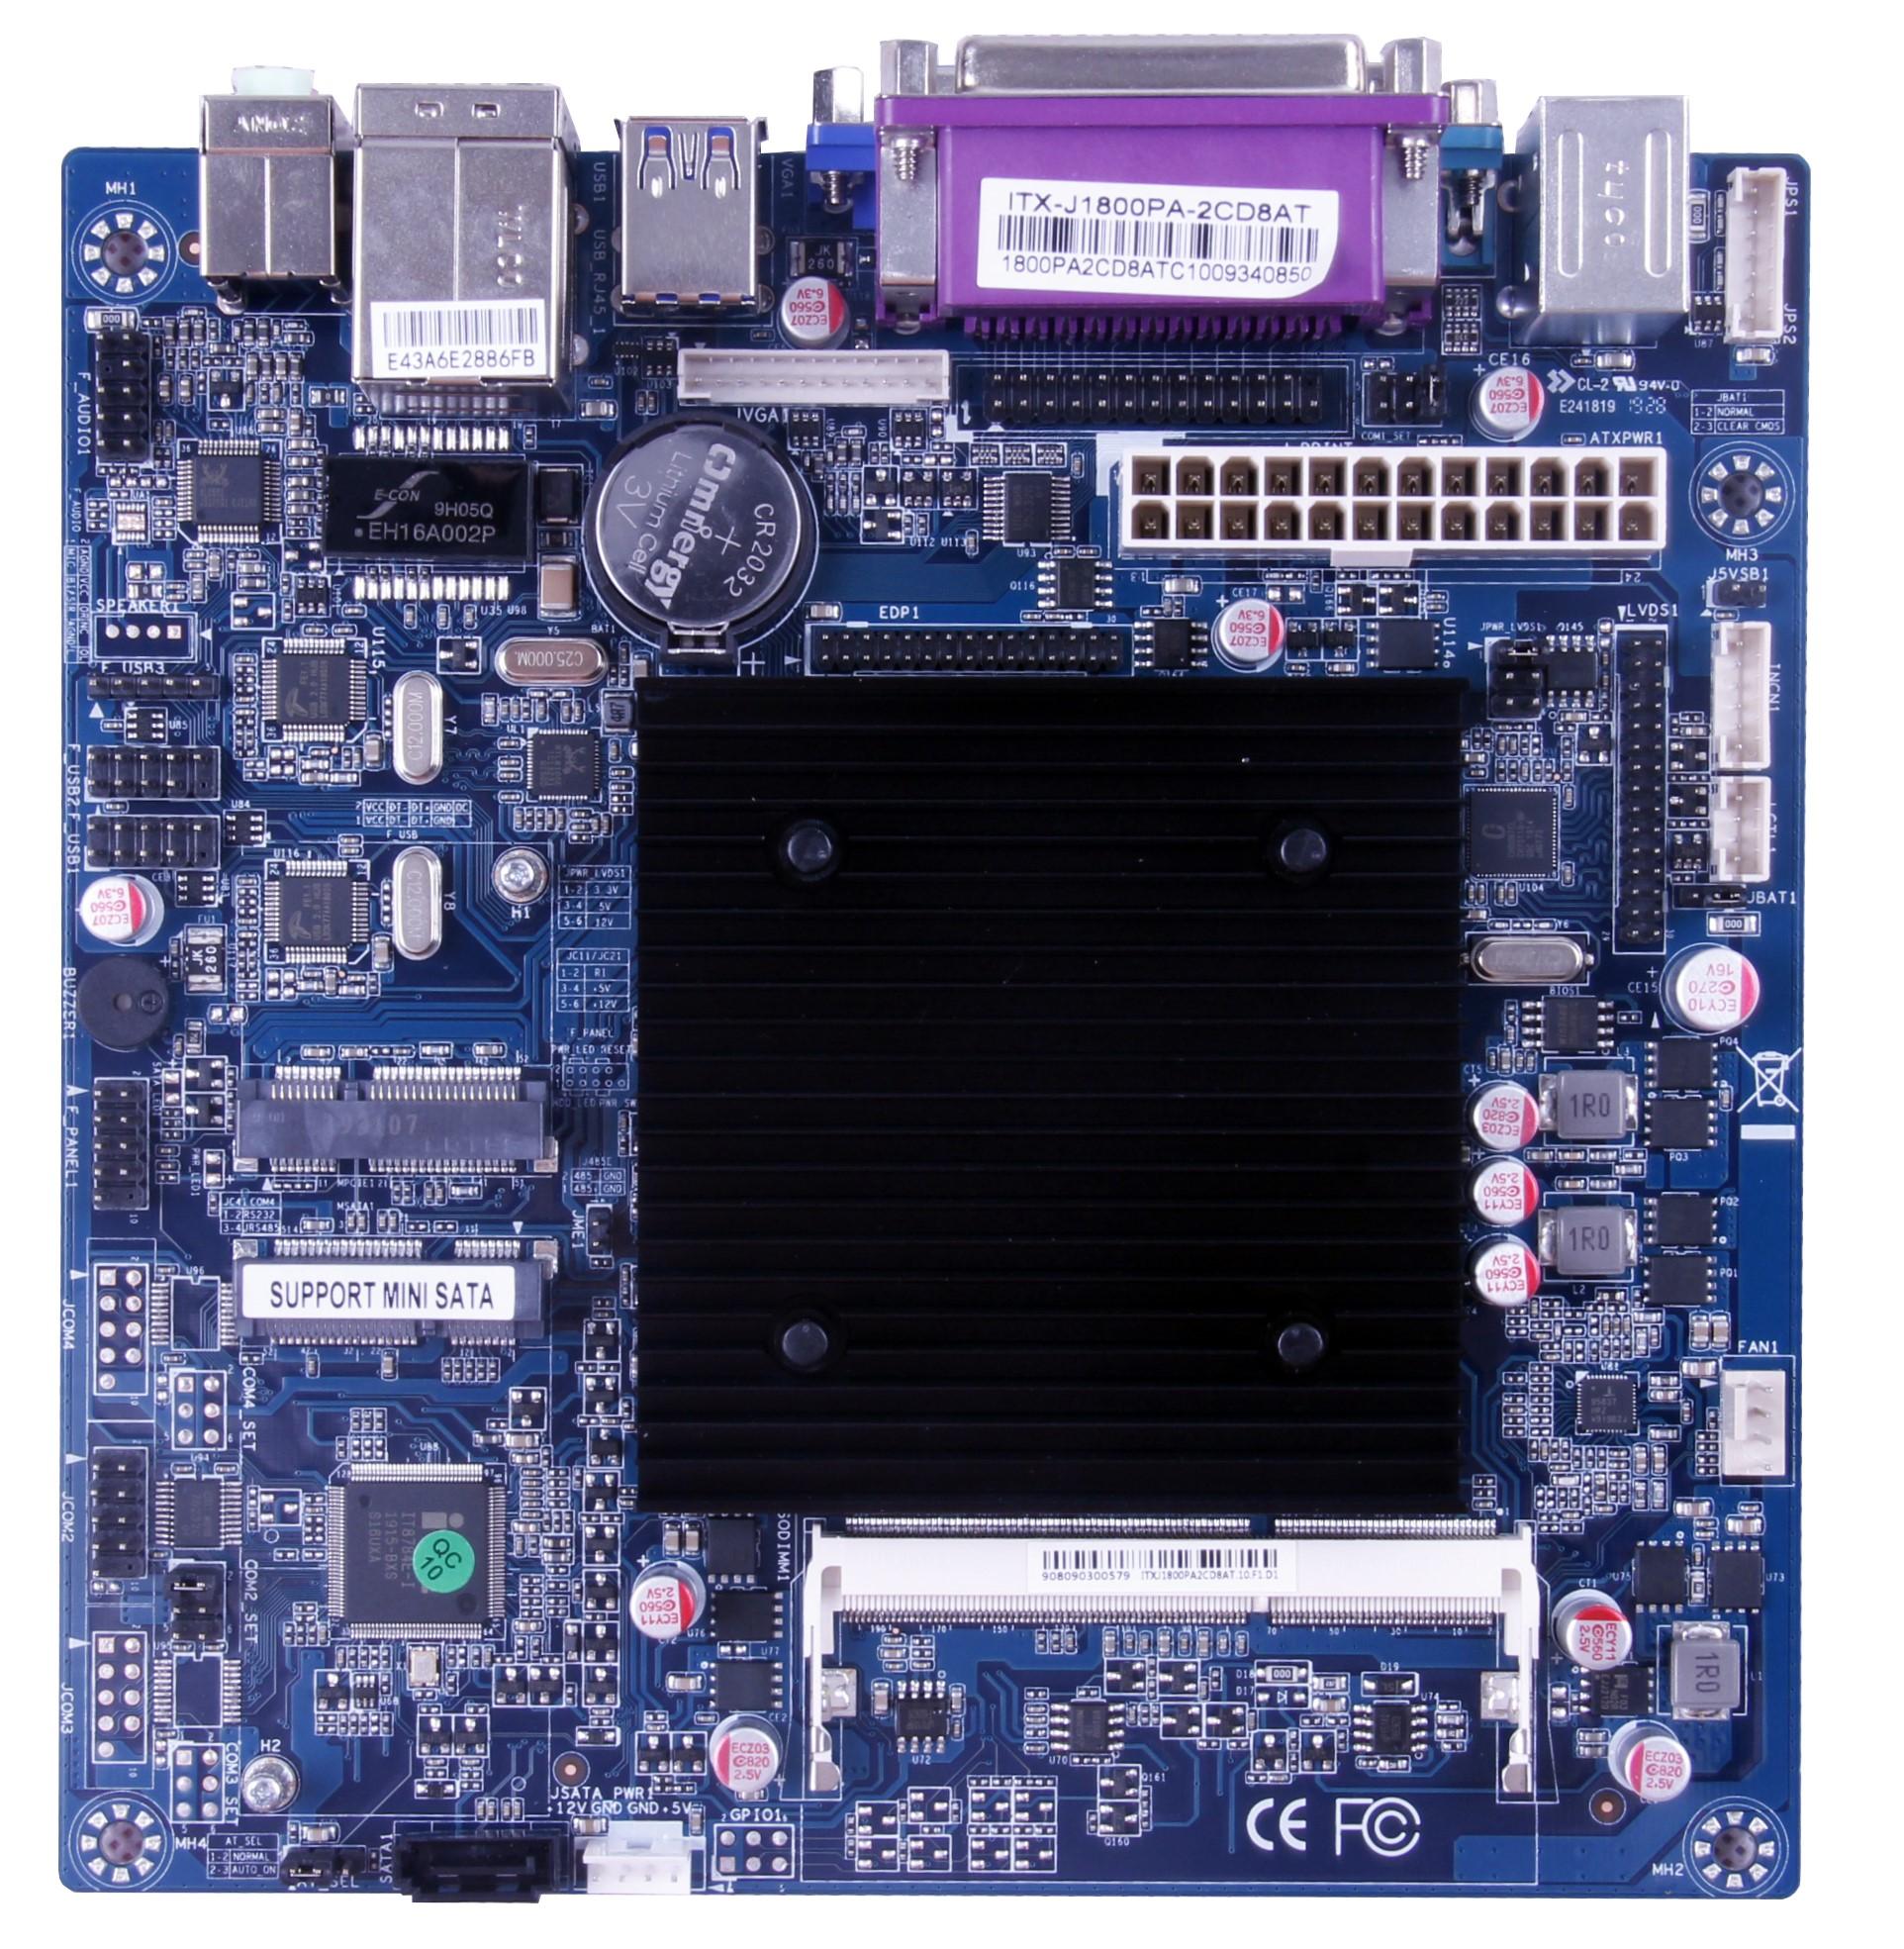 ITX-J1800PA-2CD8AT